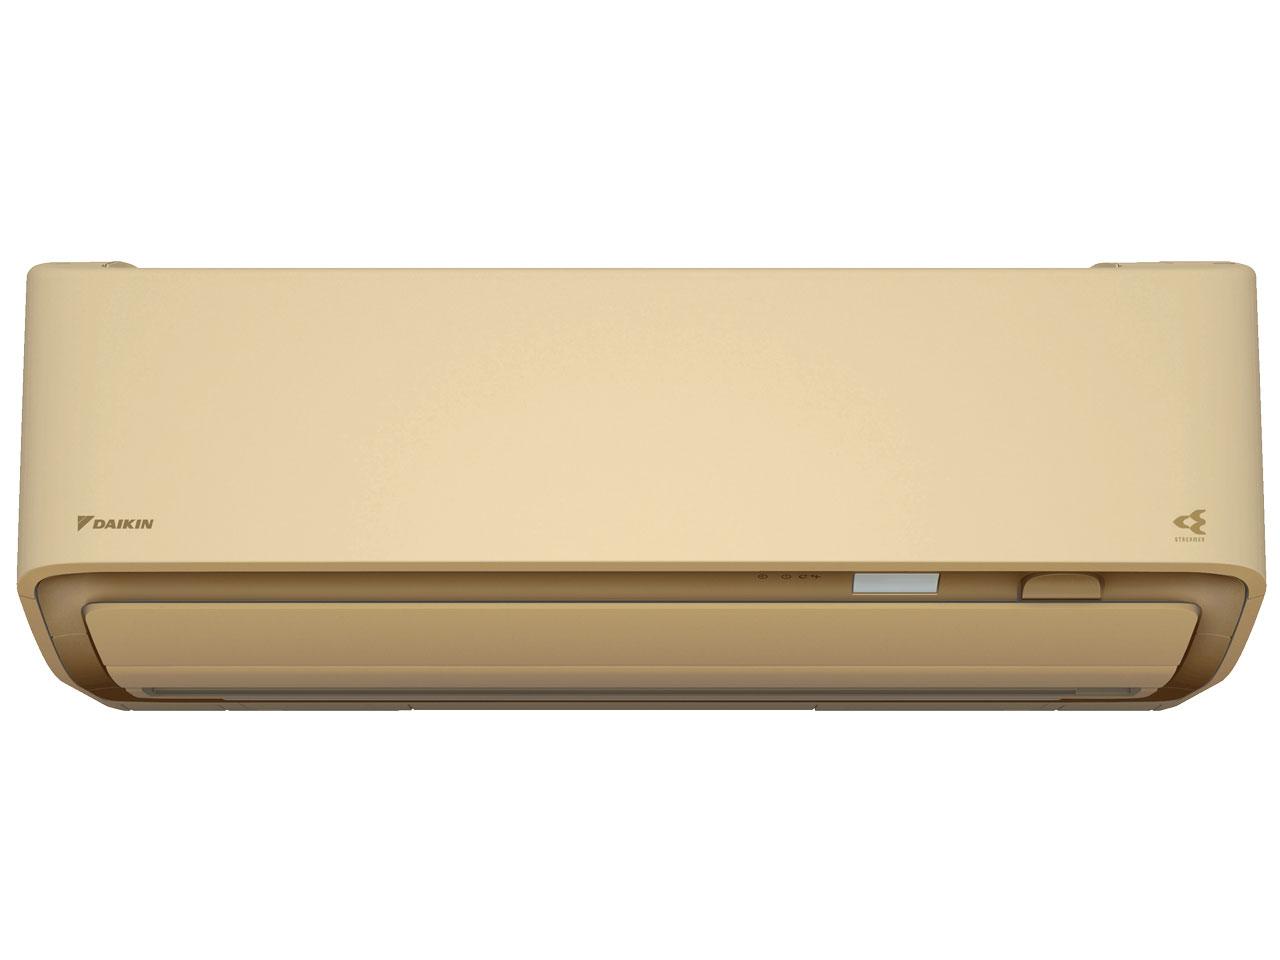 ダイキン 19年モデル うるさら7 RXシリーズ S56WTRXV-C 【200V用 電源直結型】18畳用冷暖房除湿エアコン